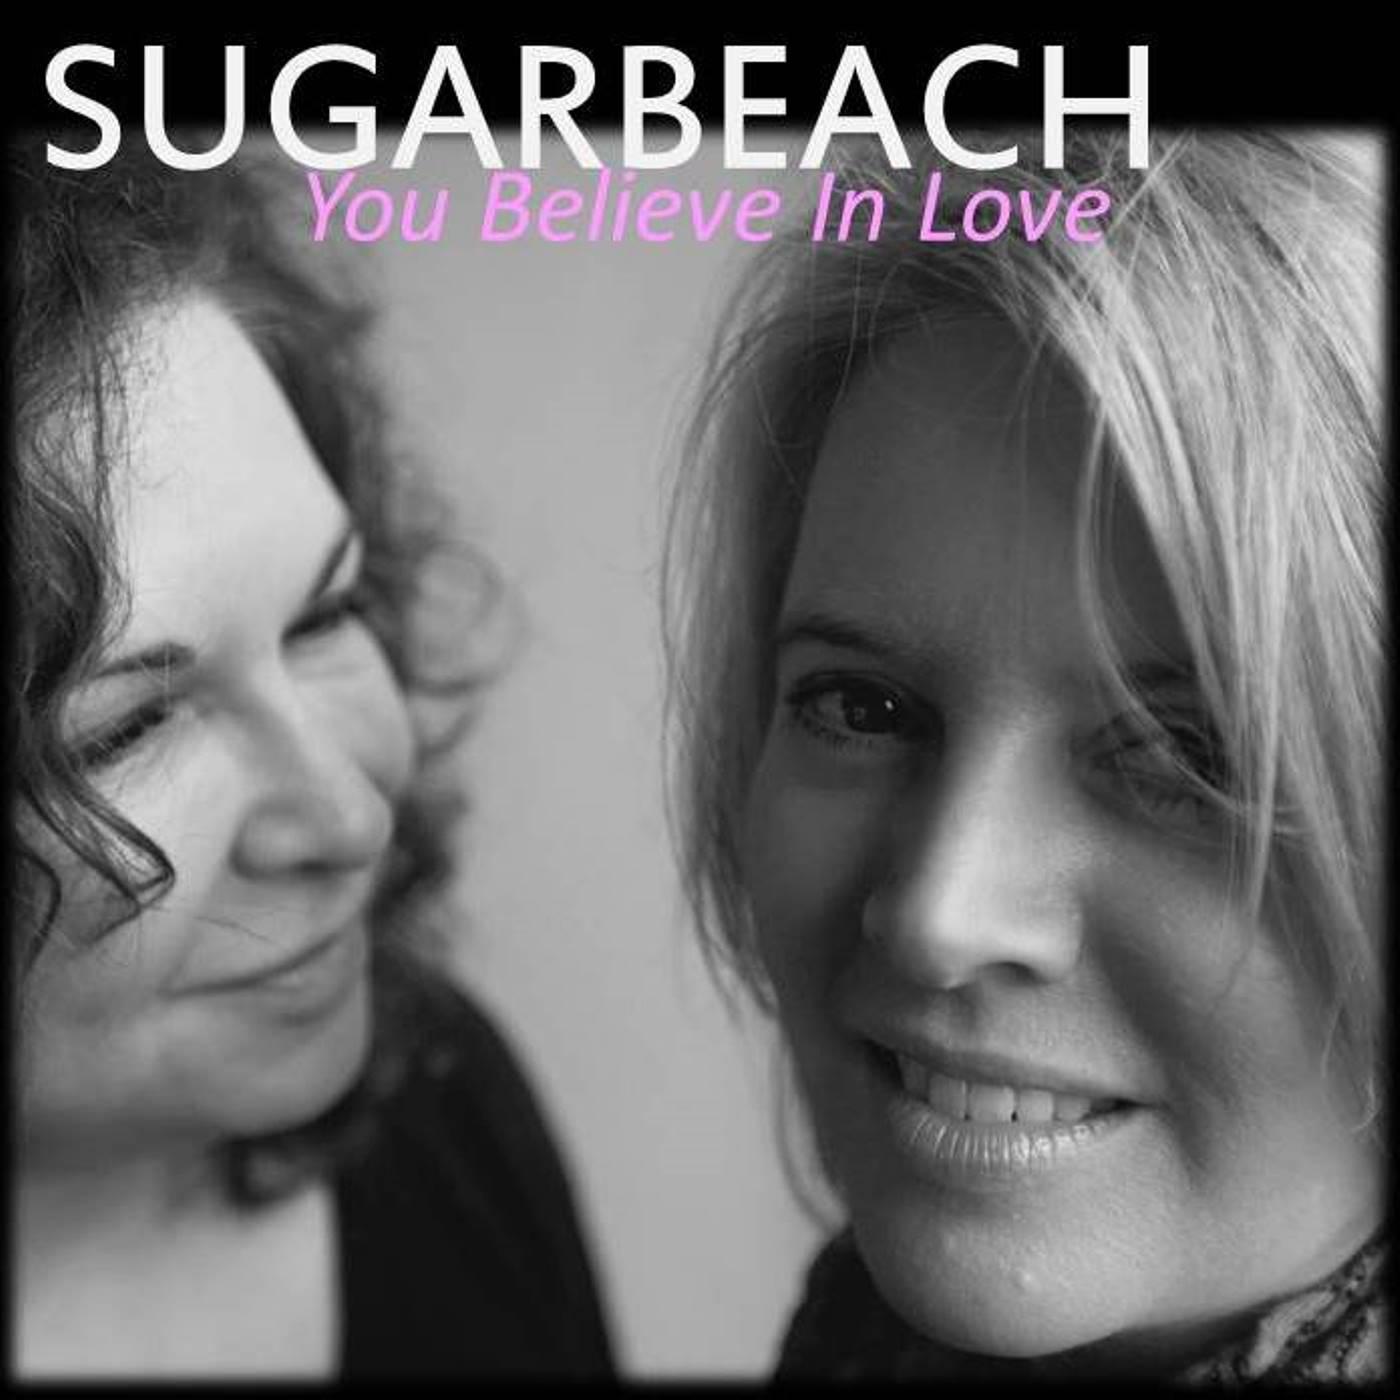 Single Release - You Believe in Love